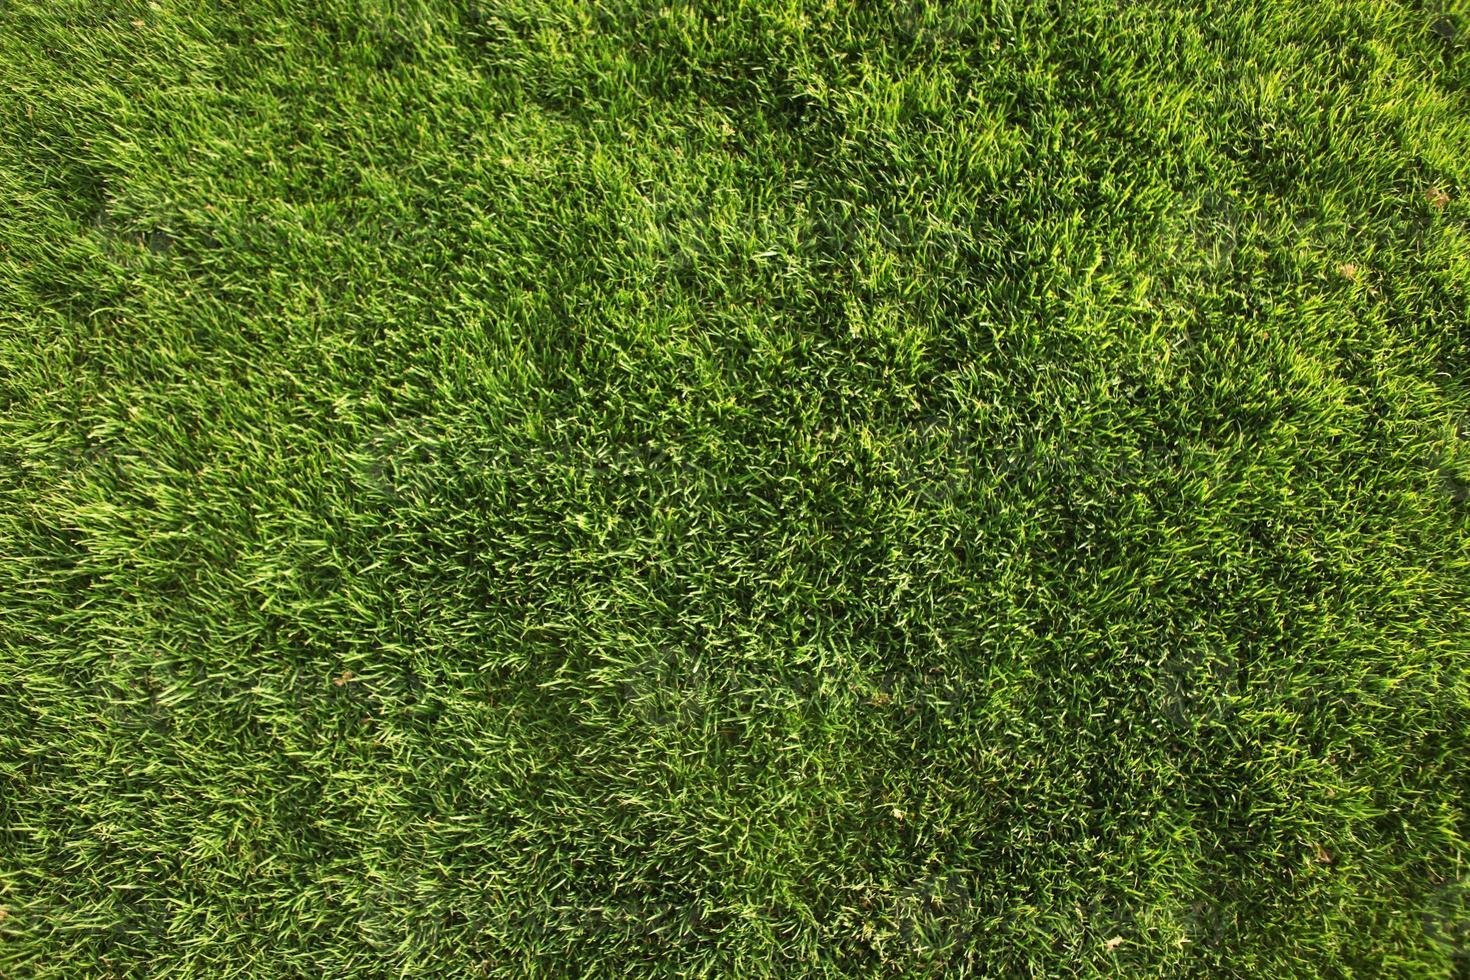 sfondo o trama perfetta dell'erba verde foto